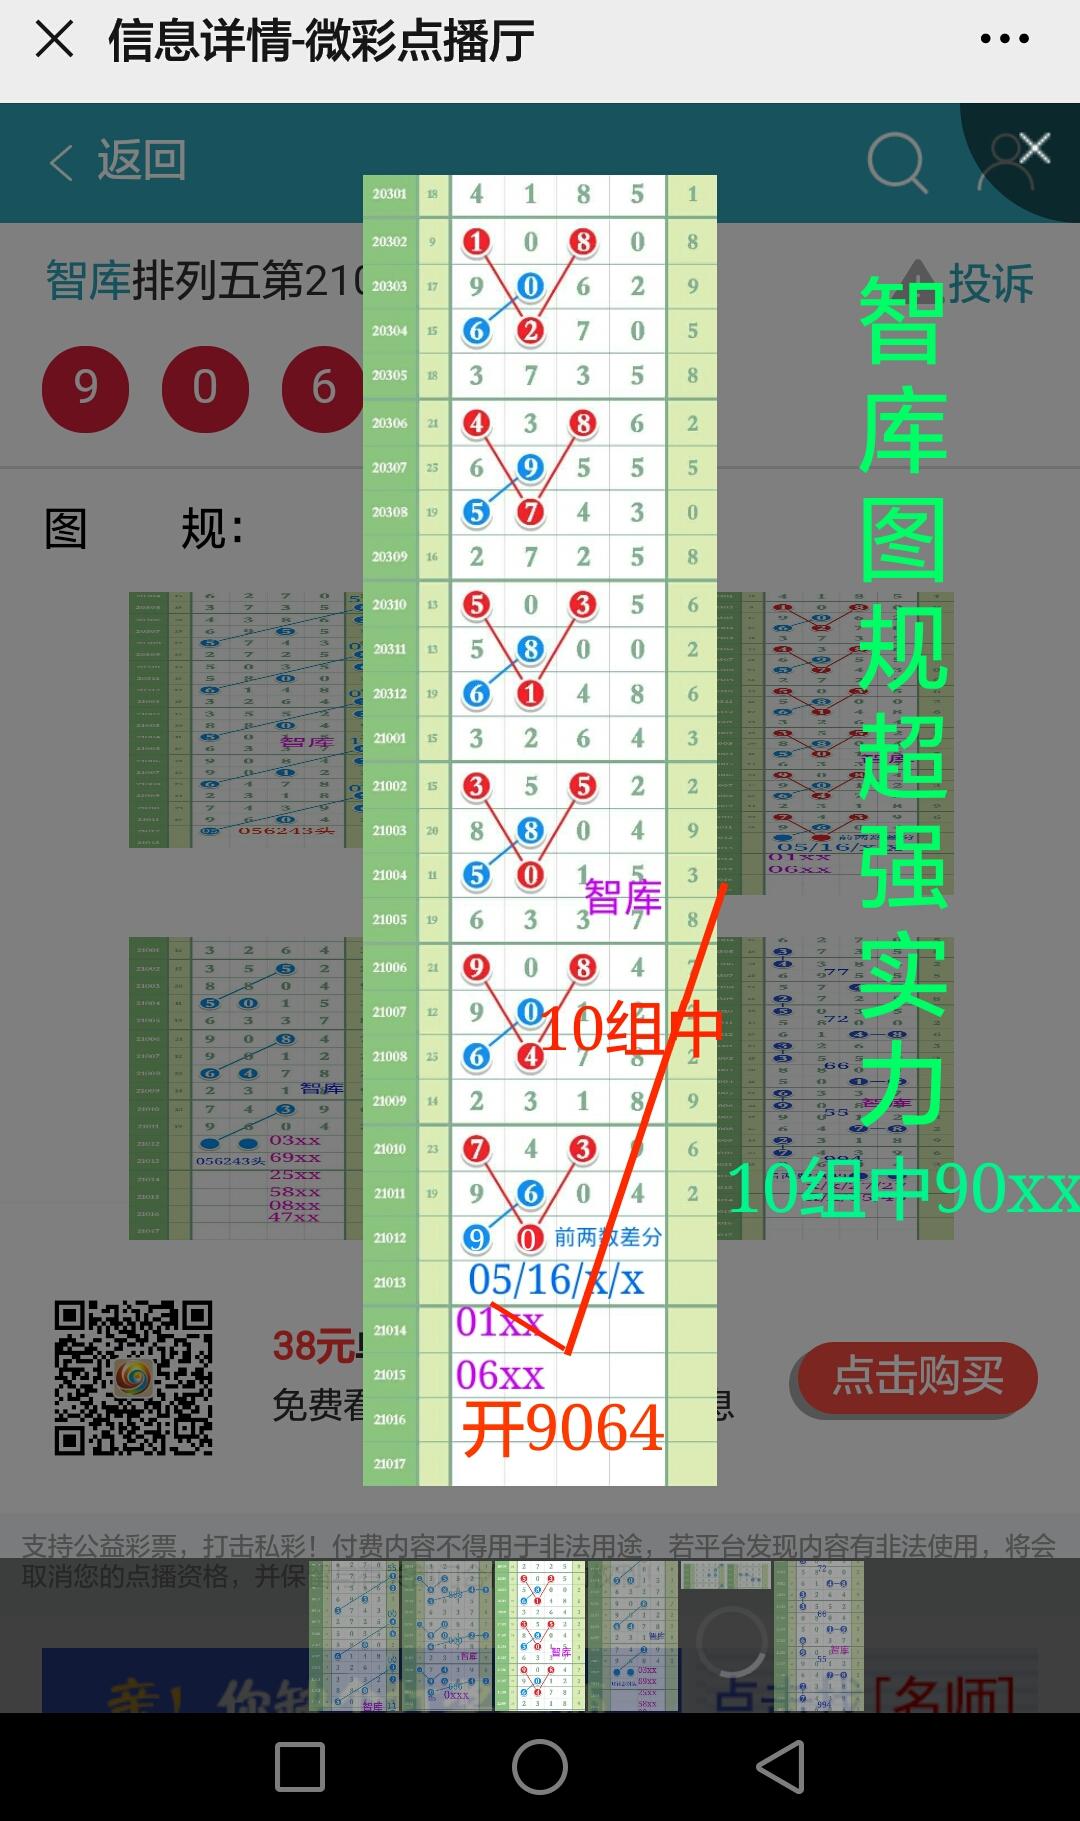 Screenshot_2021-01-12-21-24-43.jpg